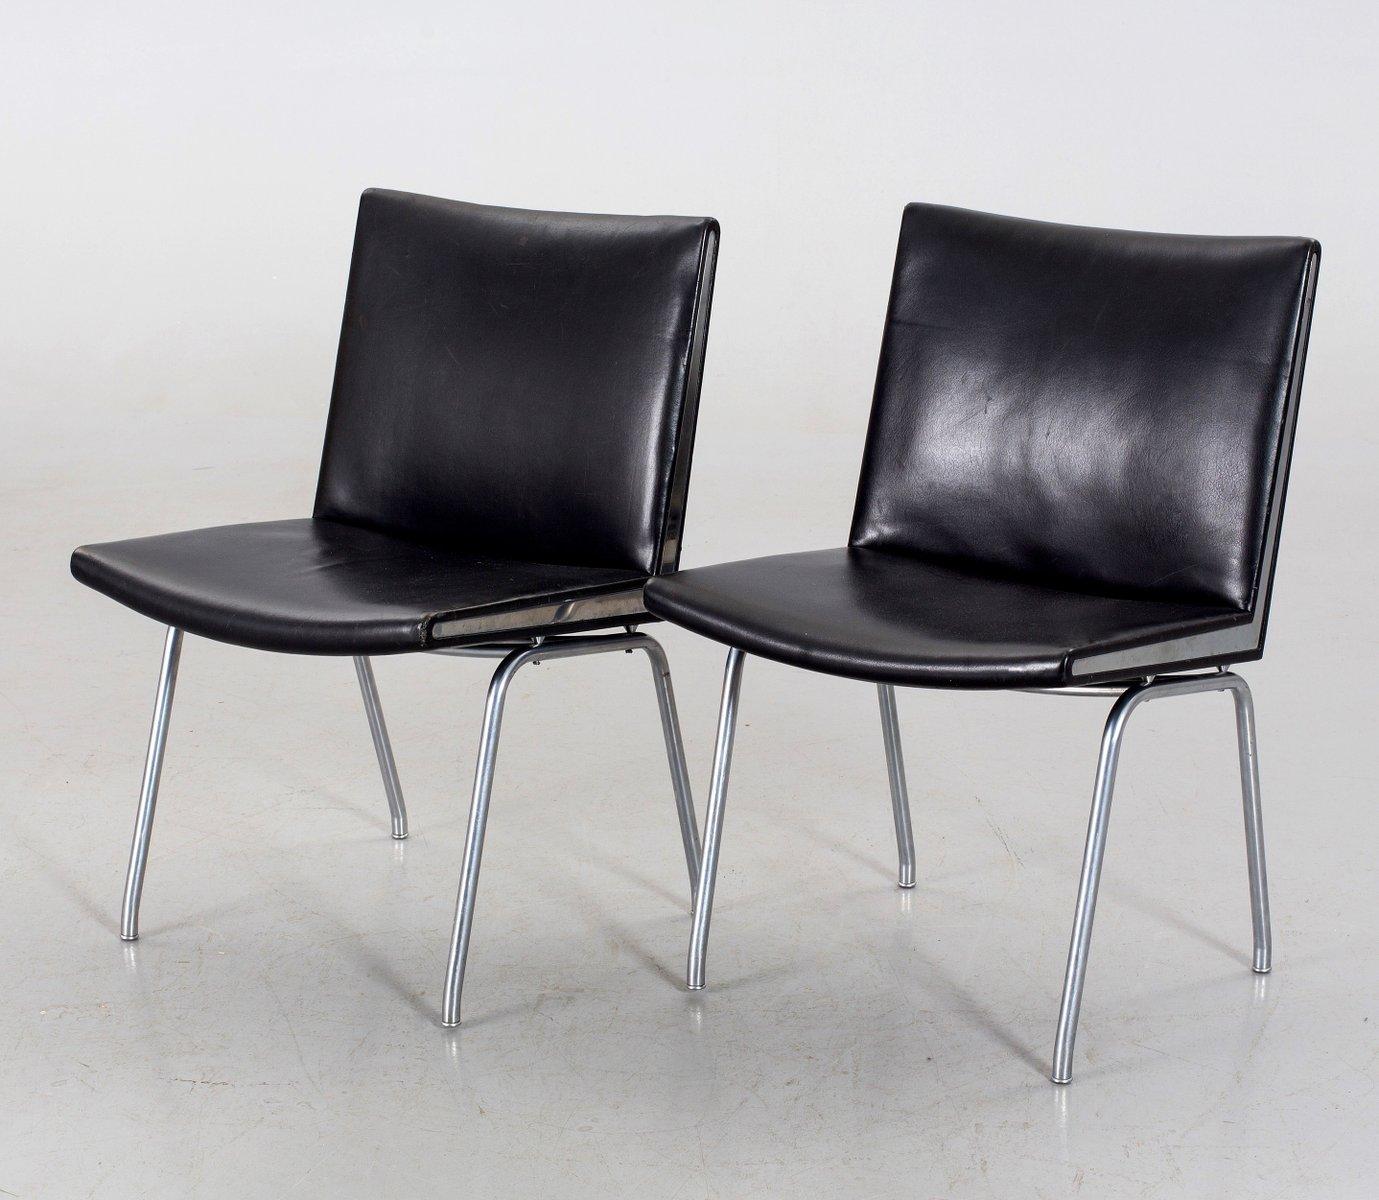 Schwarze Ap-40 Leder Flughafen Stühle von Hans J. Wegner für Ap-stolen...